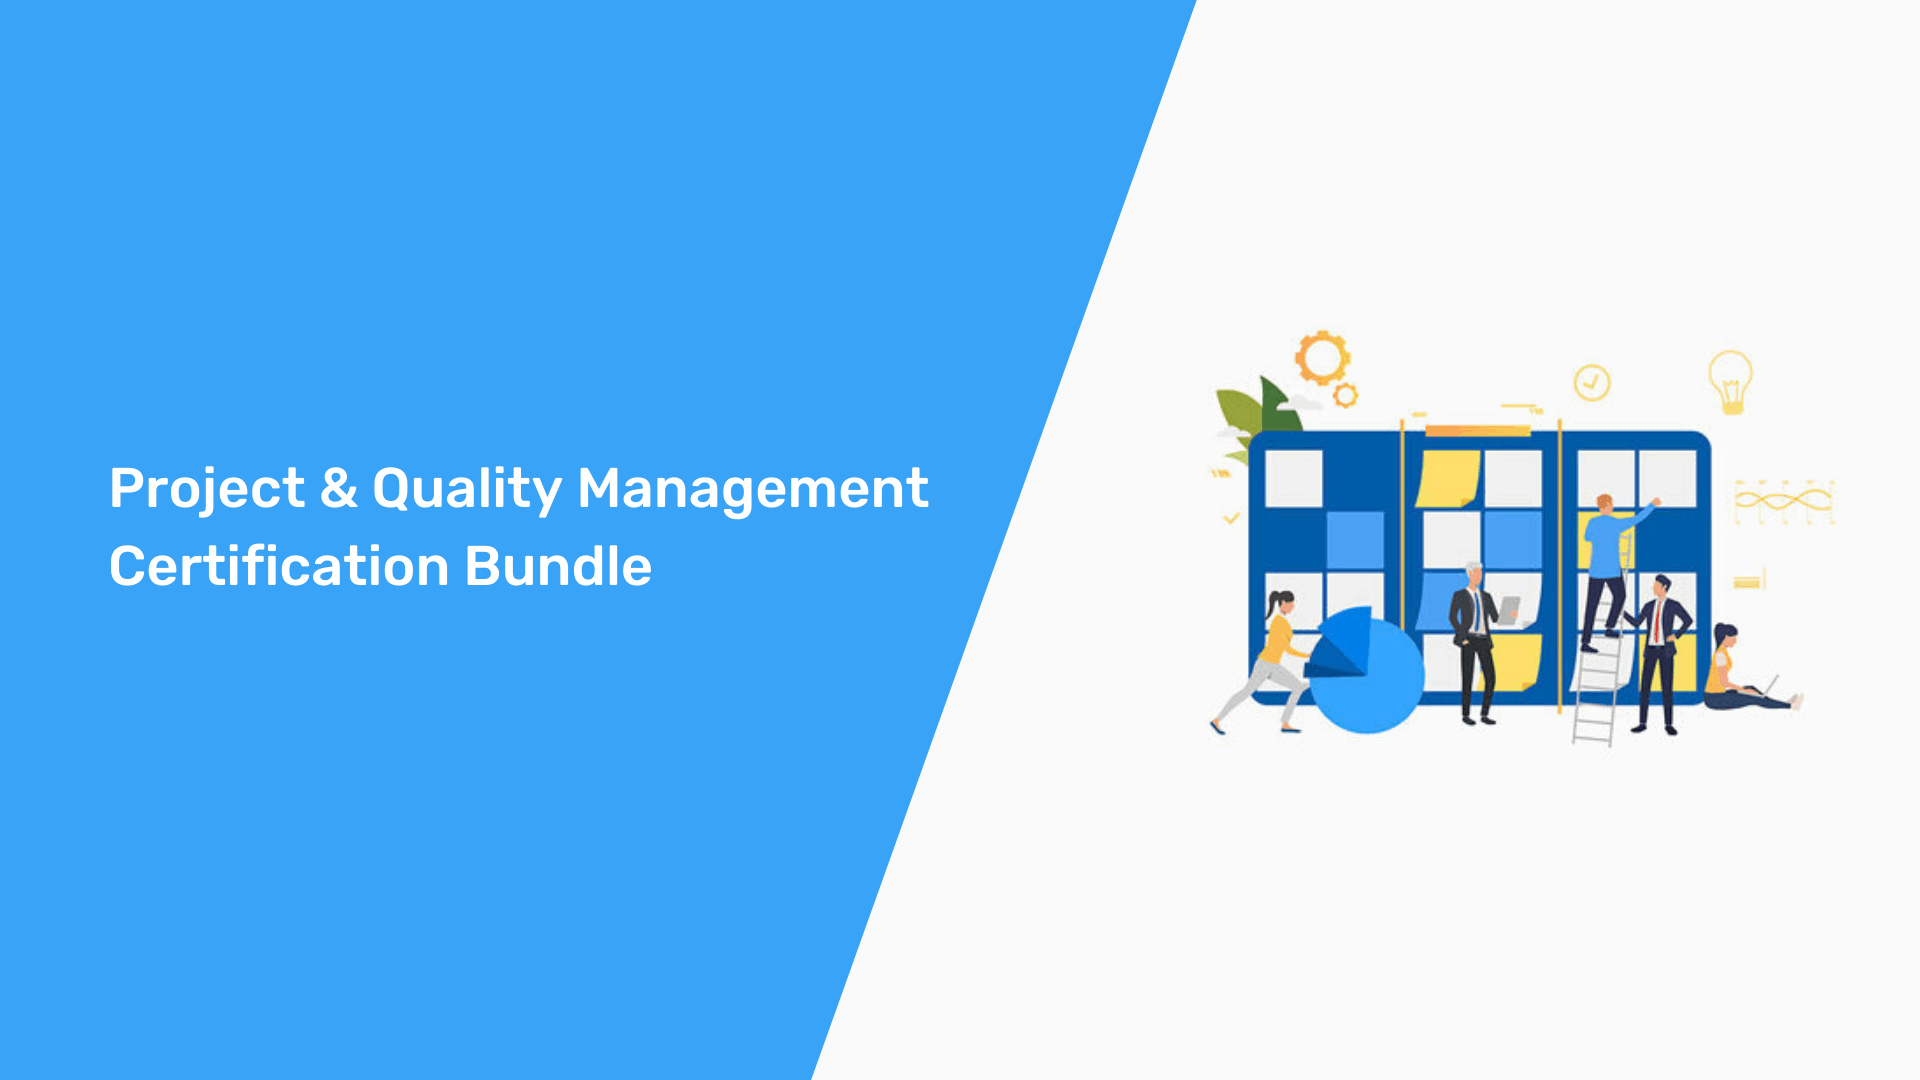 Project Management Certification Bundle